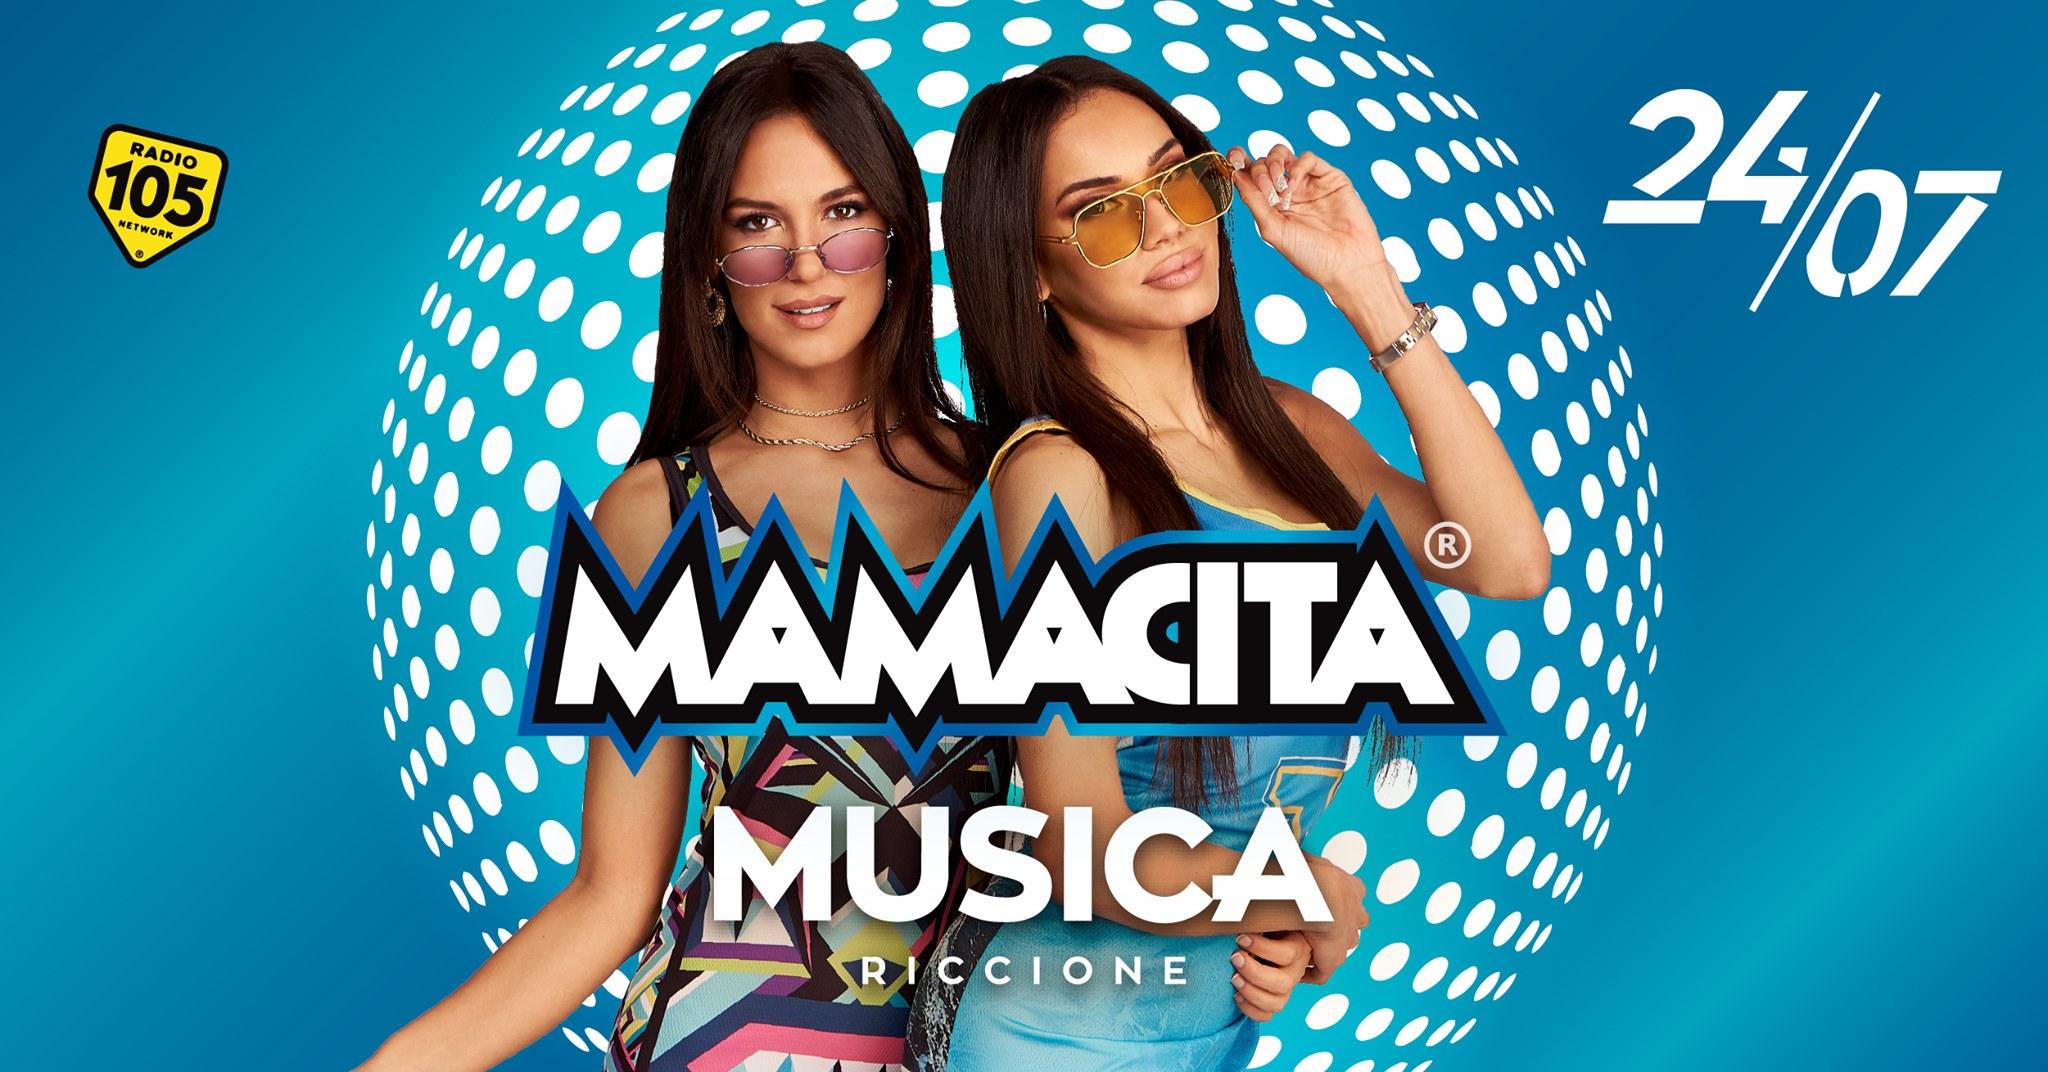 mamacita musica venerdì 24 luglio